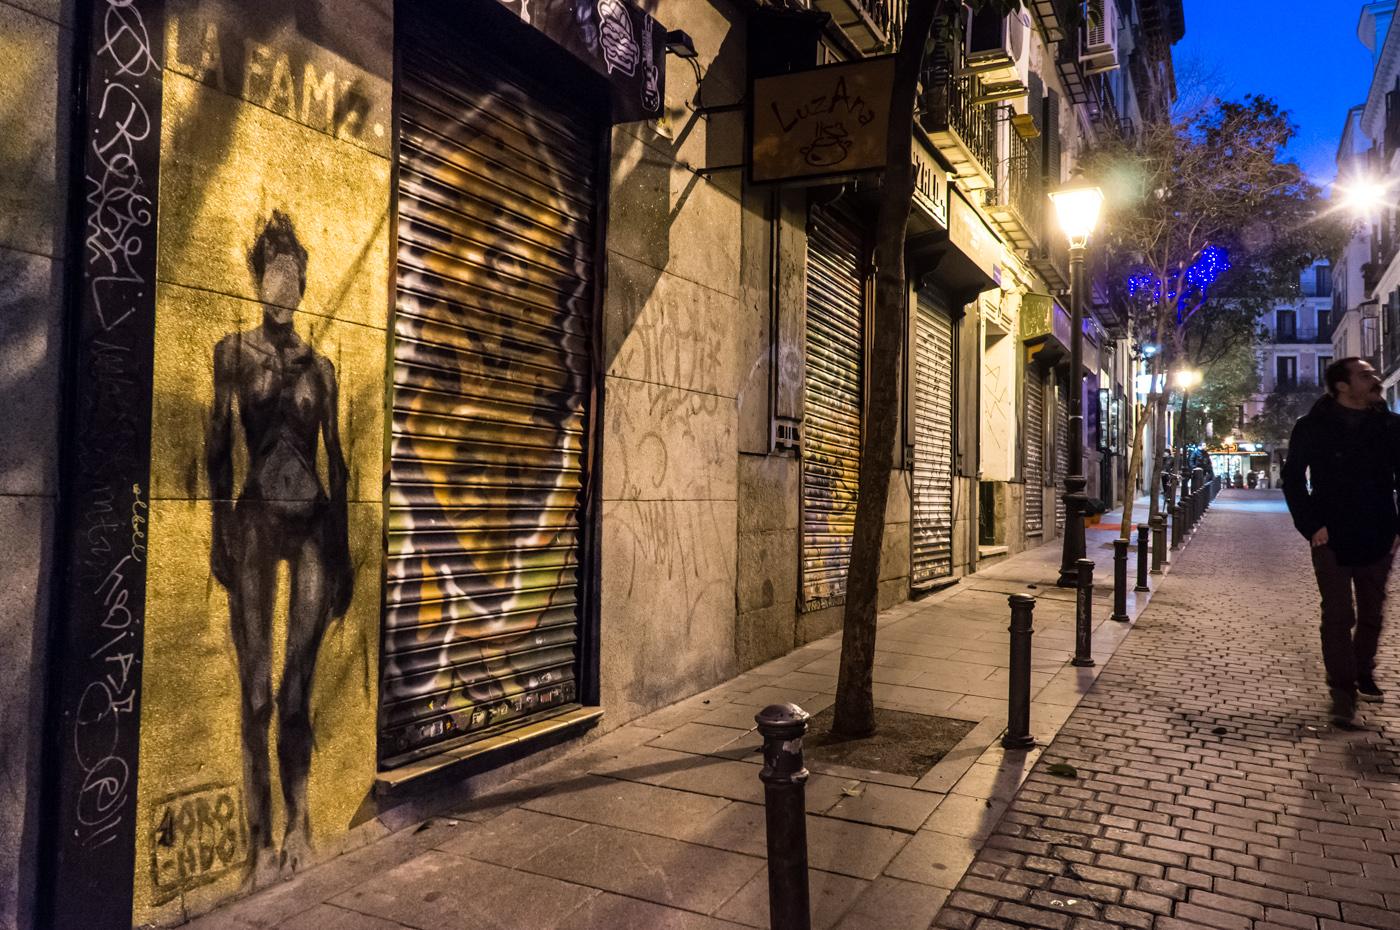 Archivo calle velarde 8 wikipedia la - H m calle orense madrid ...